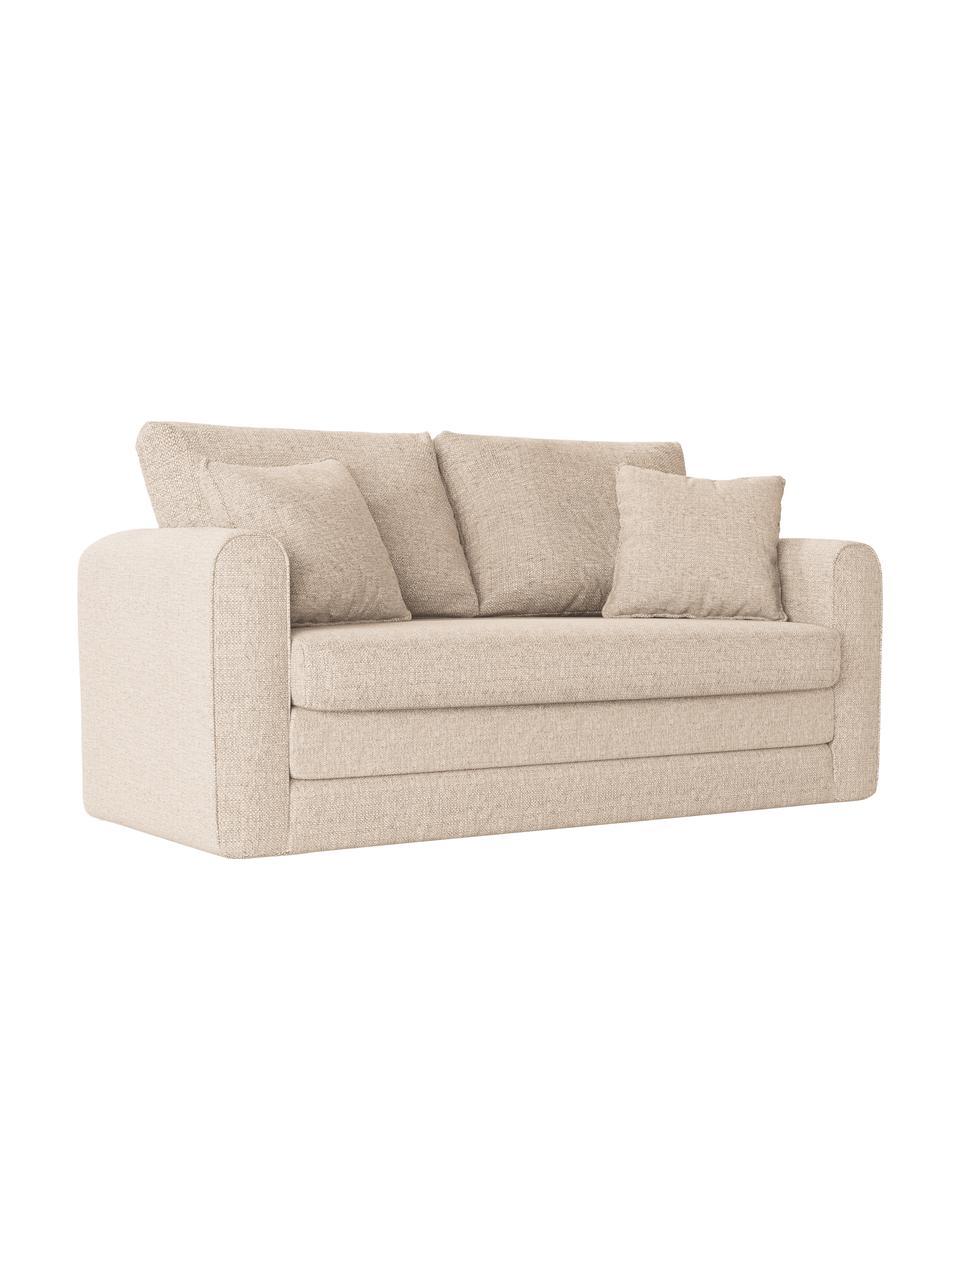 Sofa rozkładana Lido (2-osobowa), Tapicerka: poliester imitujący len D, Nogi: tworzywo sztuczne, Jasny beżowy, S 158 x G 69 cm